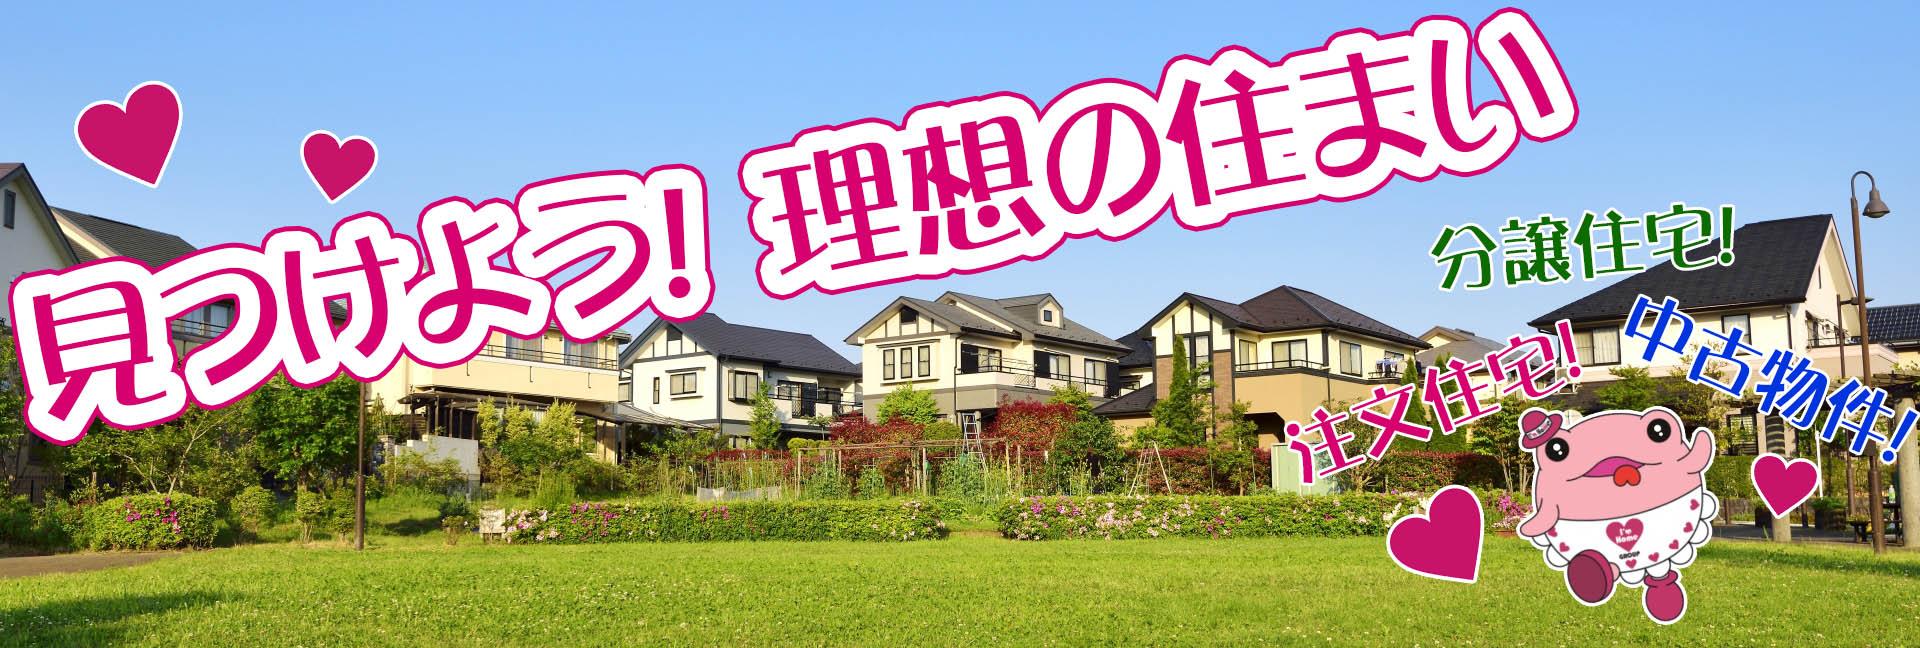 注文住宅、建売、分譲、中古住宅 埼玉県日高市と近郊で家を買うなら日高ハウジングプラザ